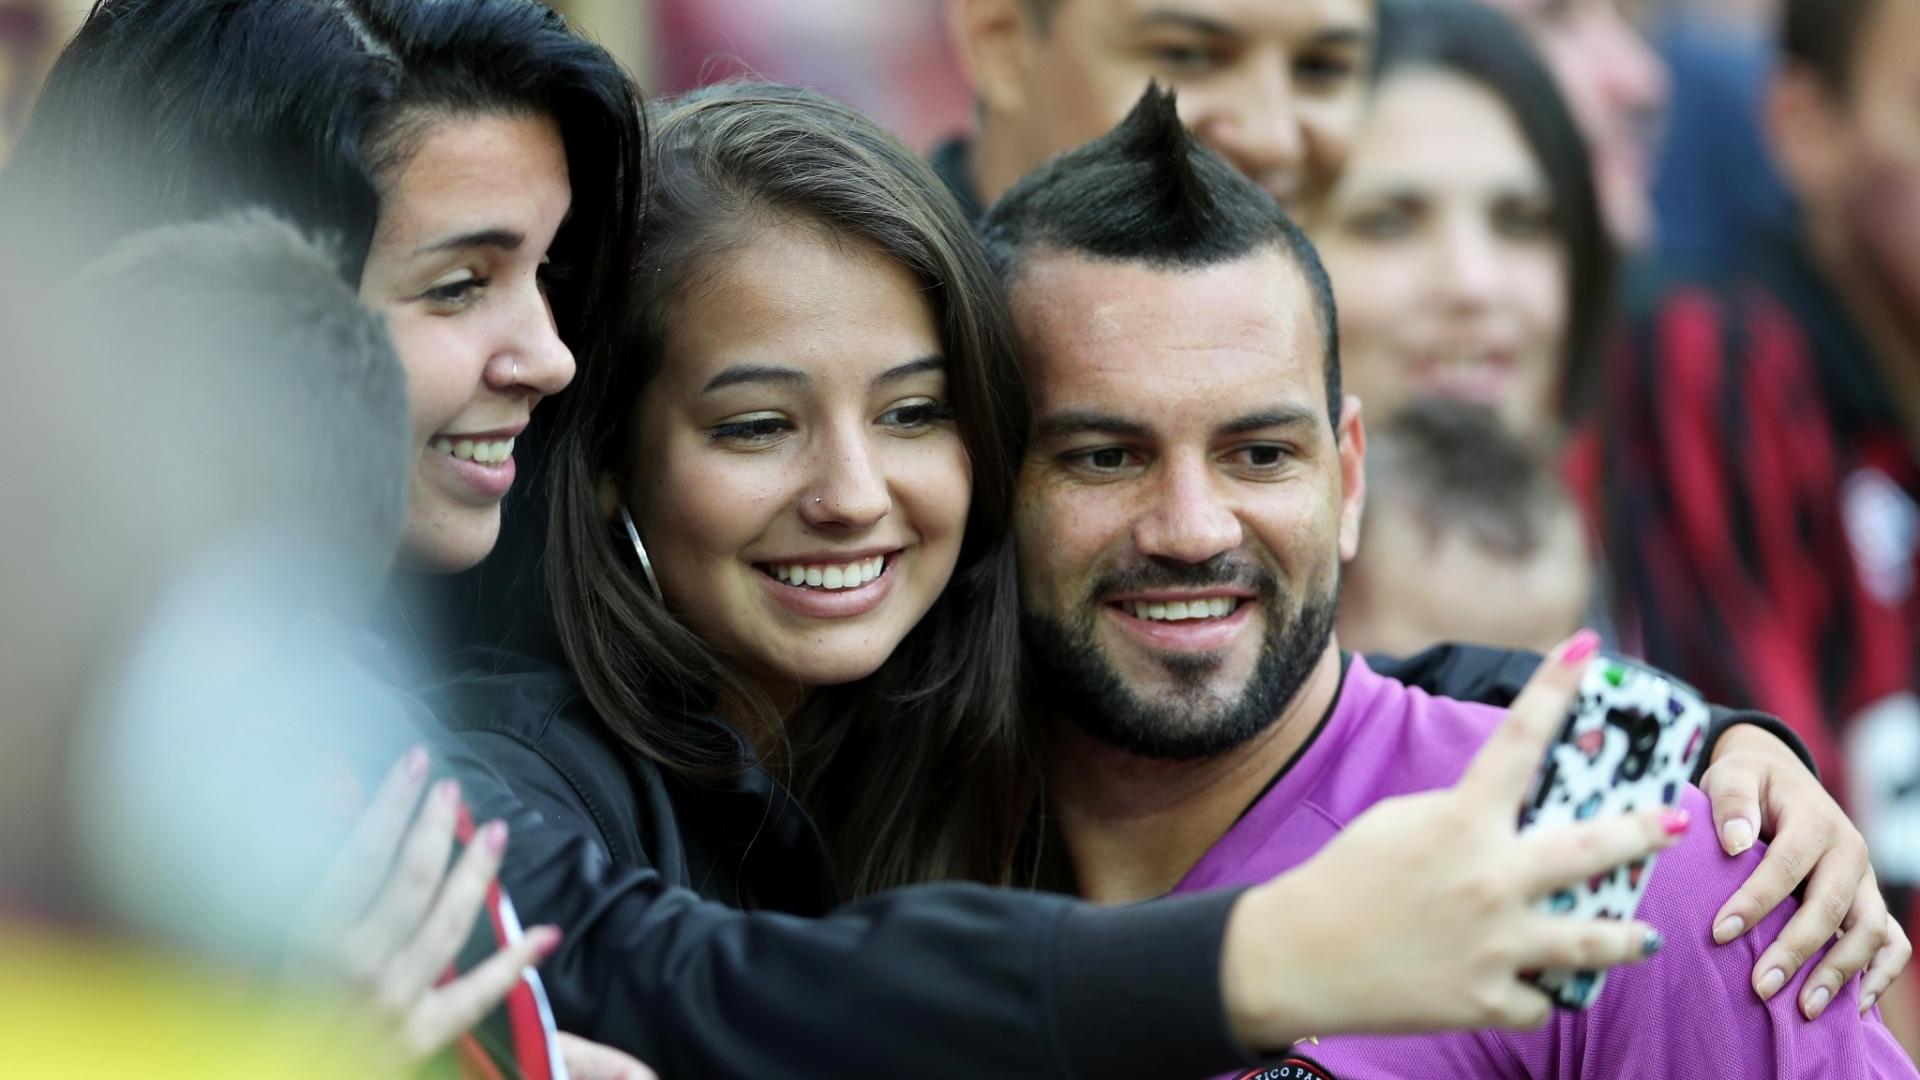 Goleiro Wéverton tira foto com torcedora antes do duelo Atlético-PR x Goiás